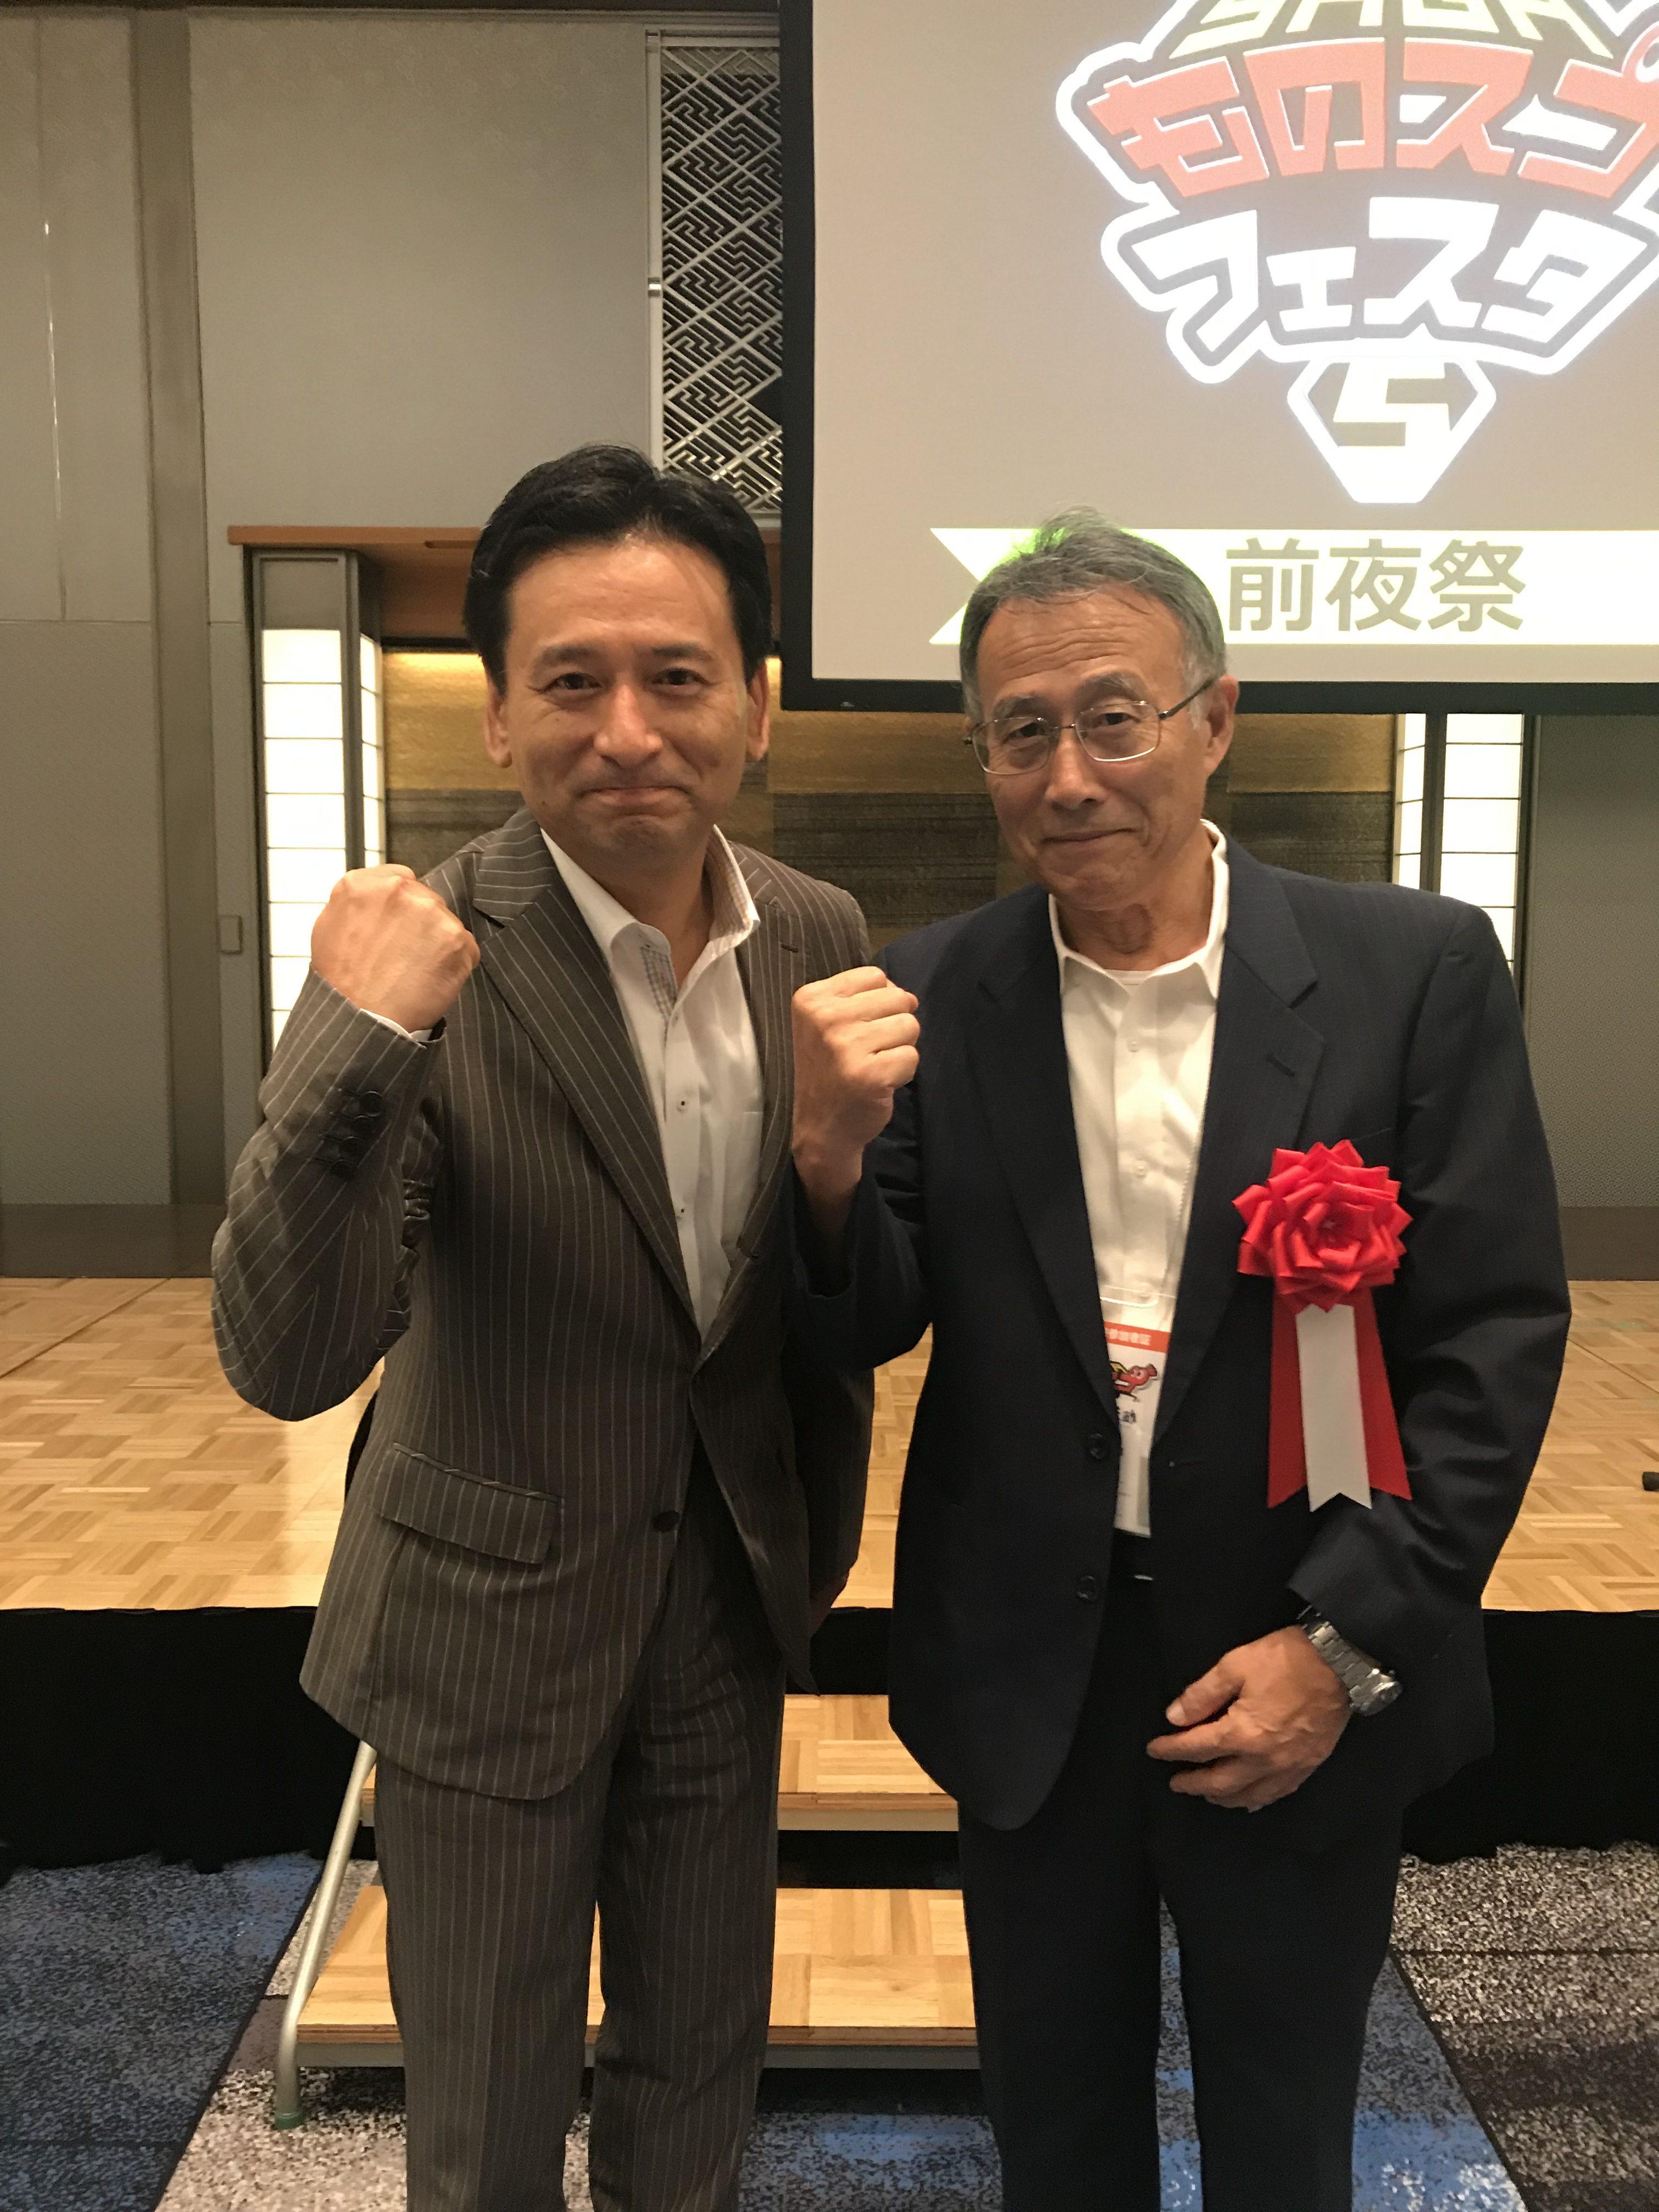 「佐賀さいこう企業表彰式」山口祥義知事と一緒に